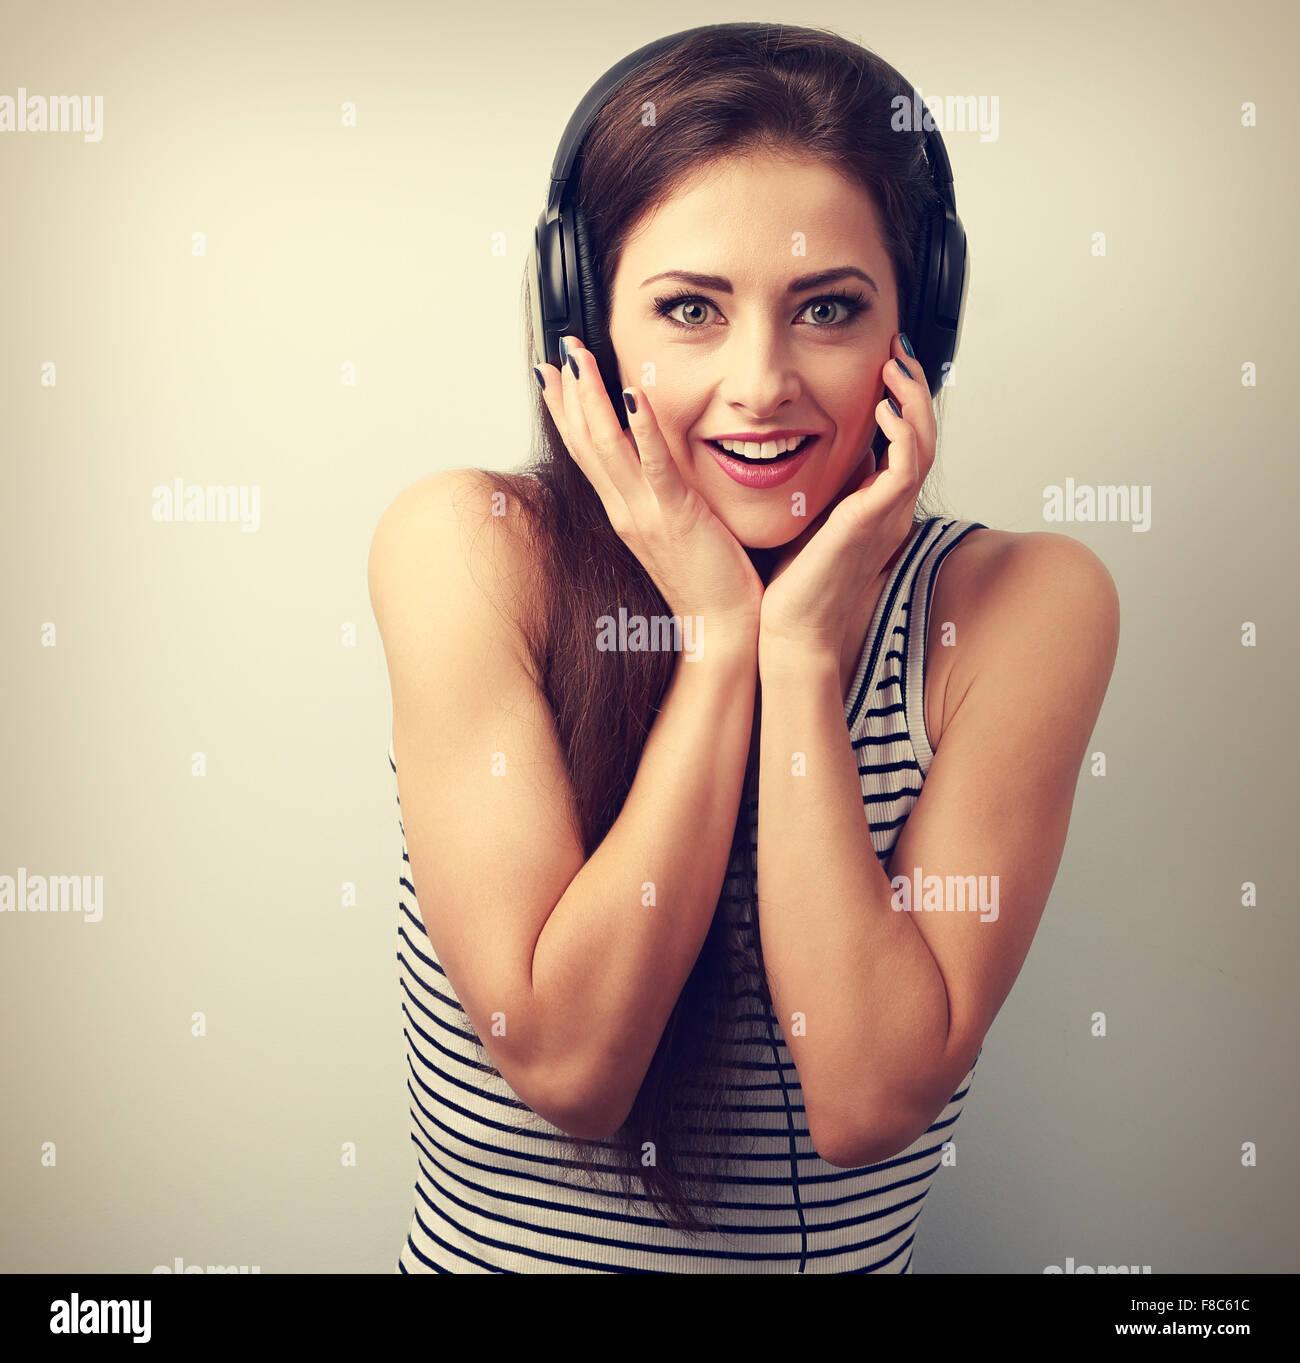 Mujer alegre y sorprendente en los auriculares escuchando la música. Retrato Vintage Imagen De Stock